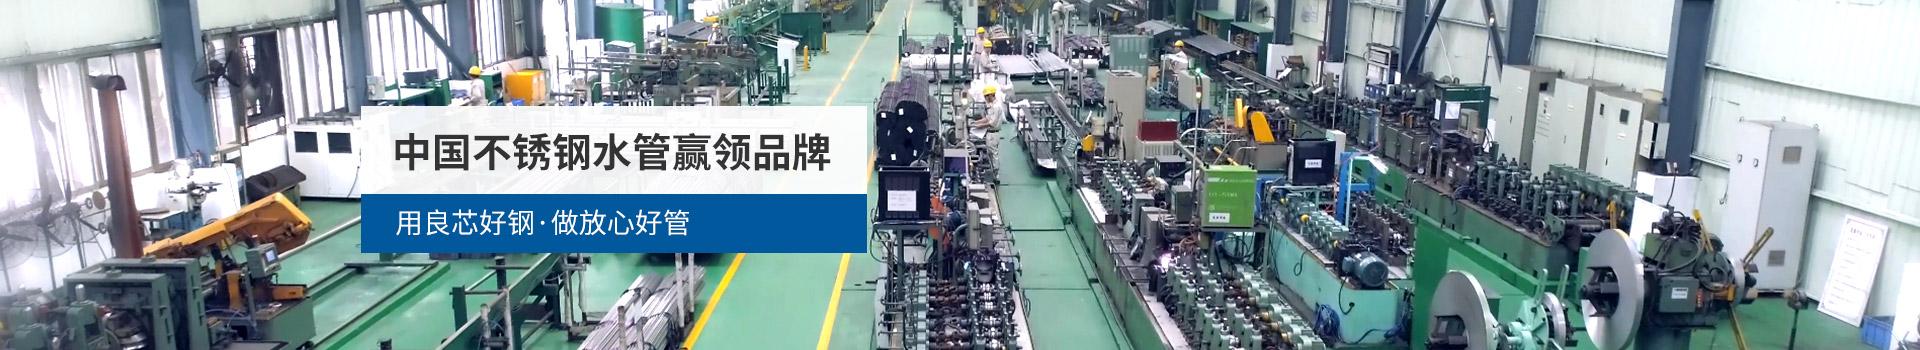 美亚-中国不锈钢水管赢领品牌,用良芯好钢,做放心好管